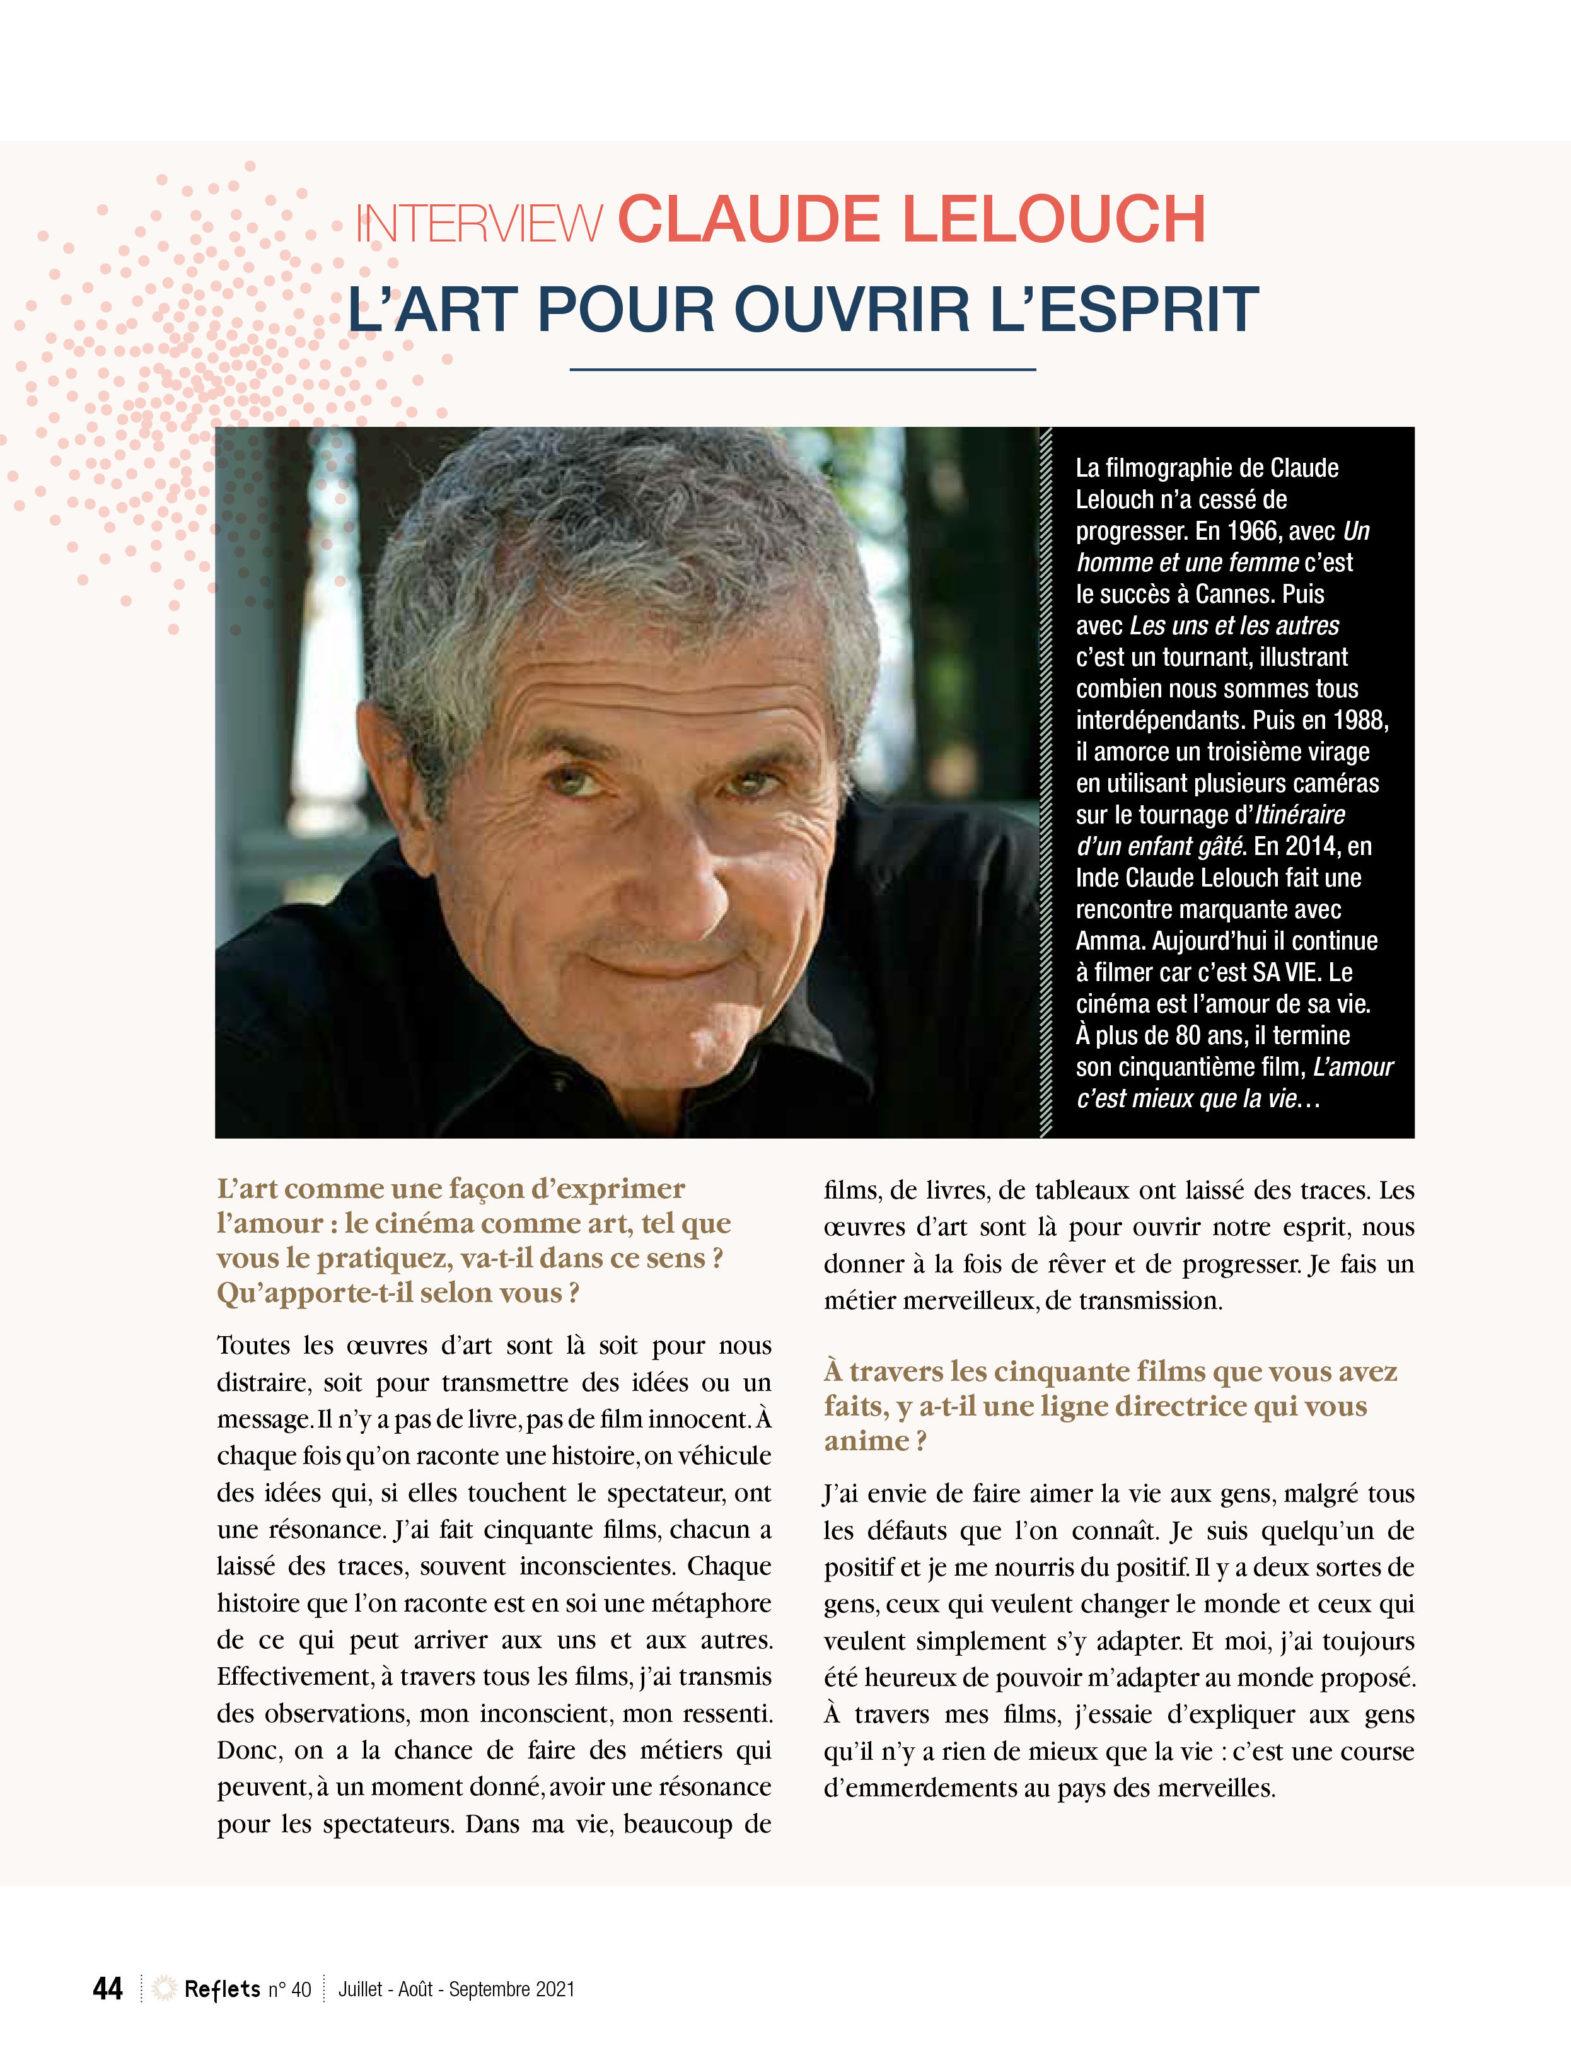 1ère page de l'article sur Lelouch